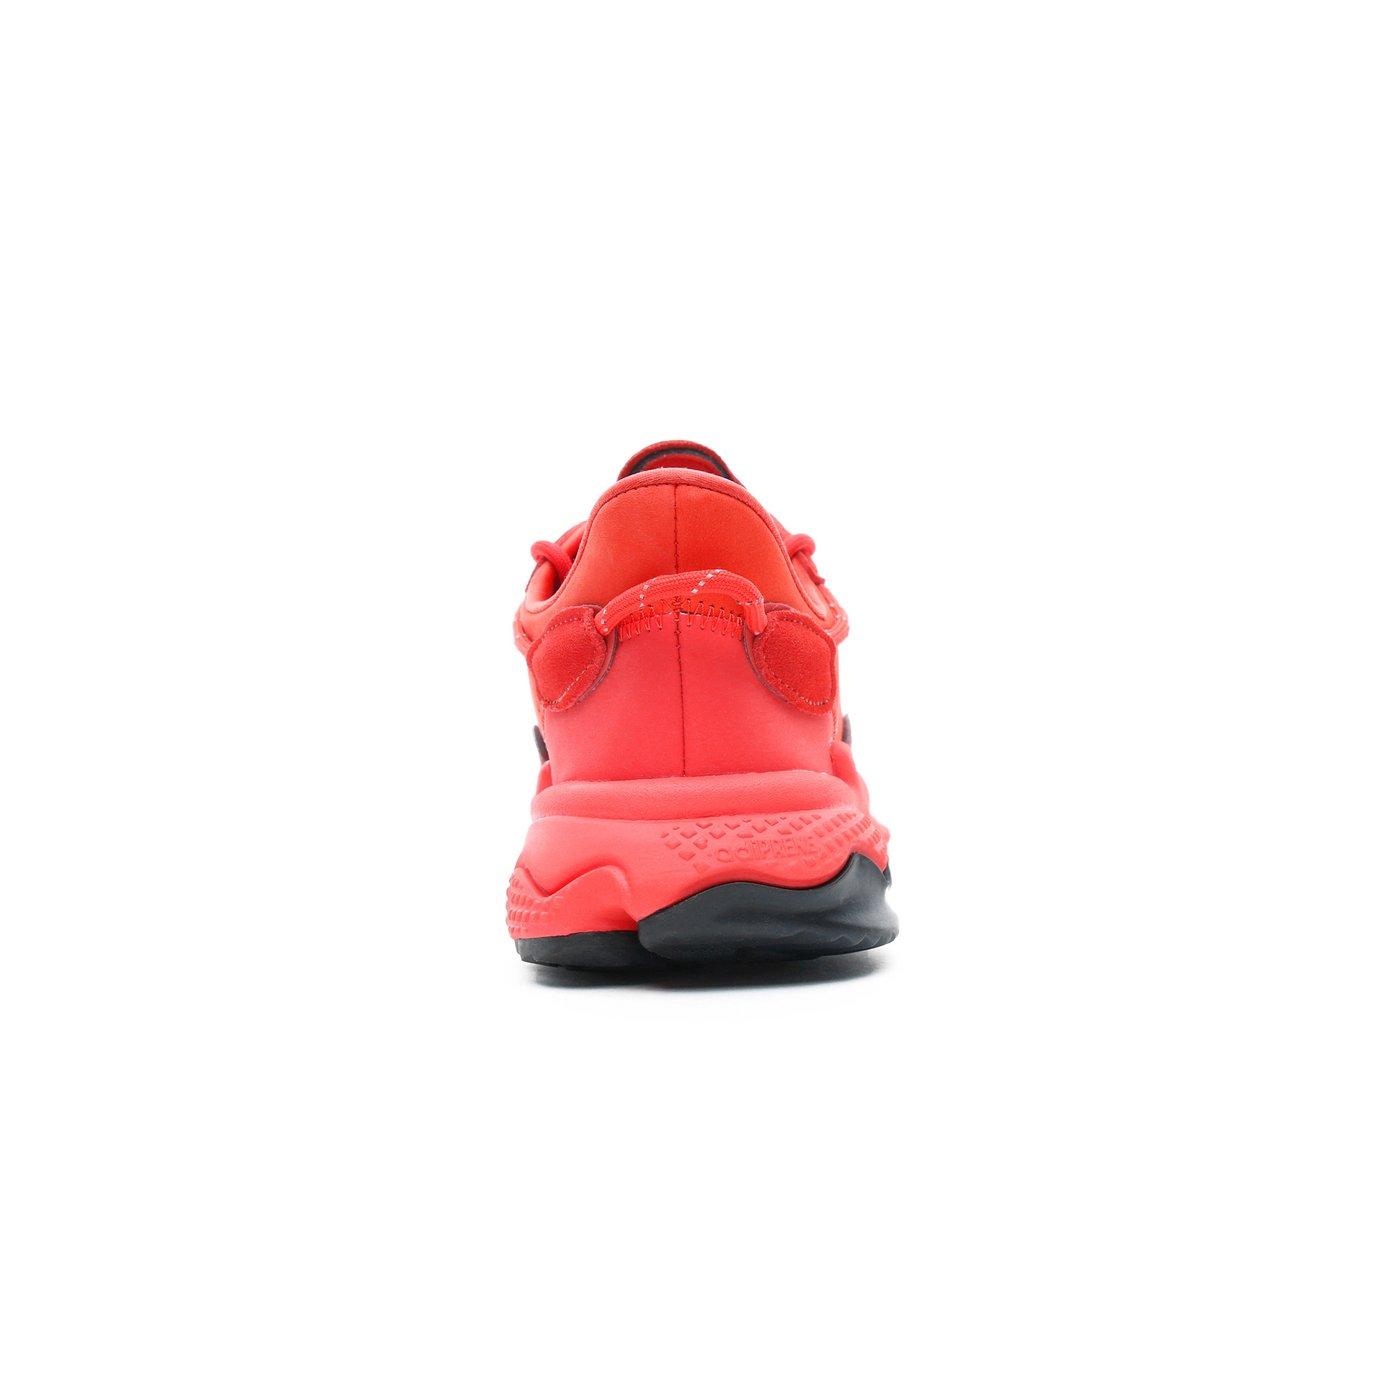 adidas Ozweego TR Erkek Turuncu Spor Ayakkabı